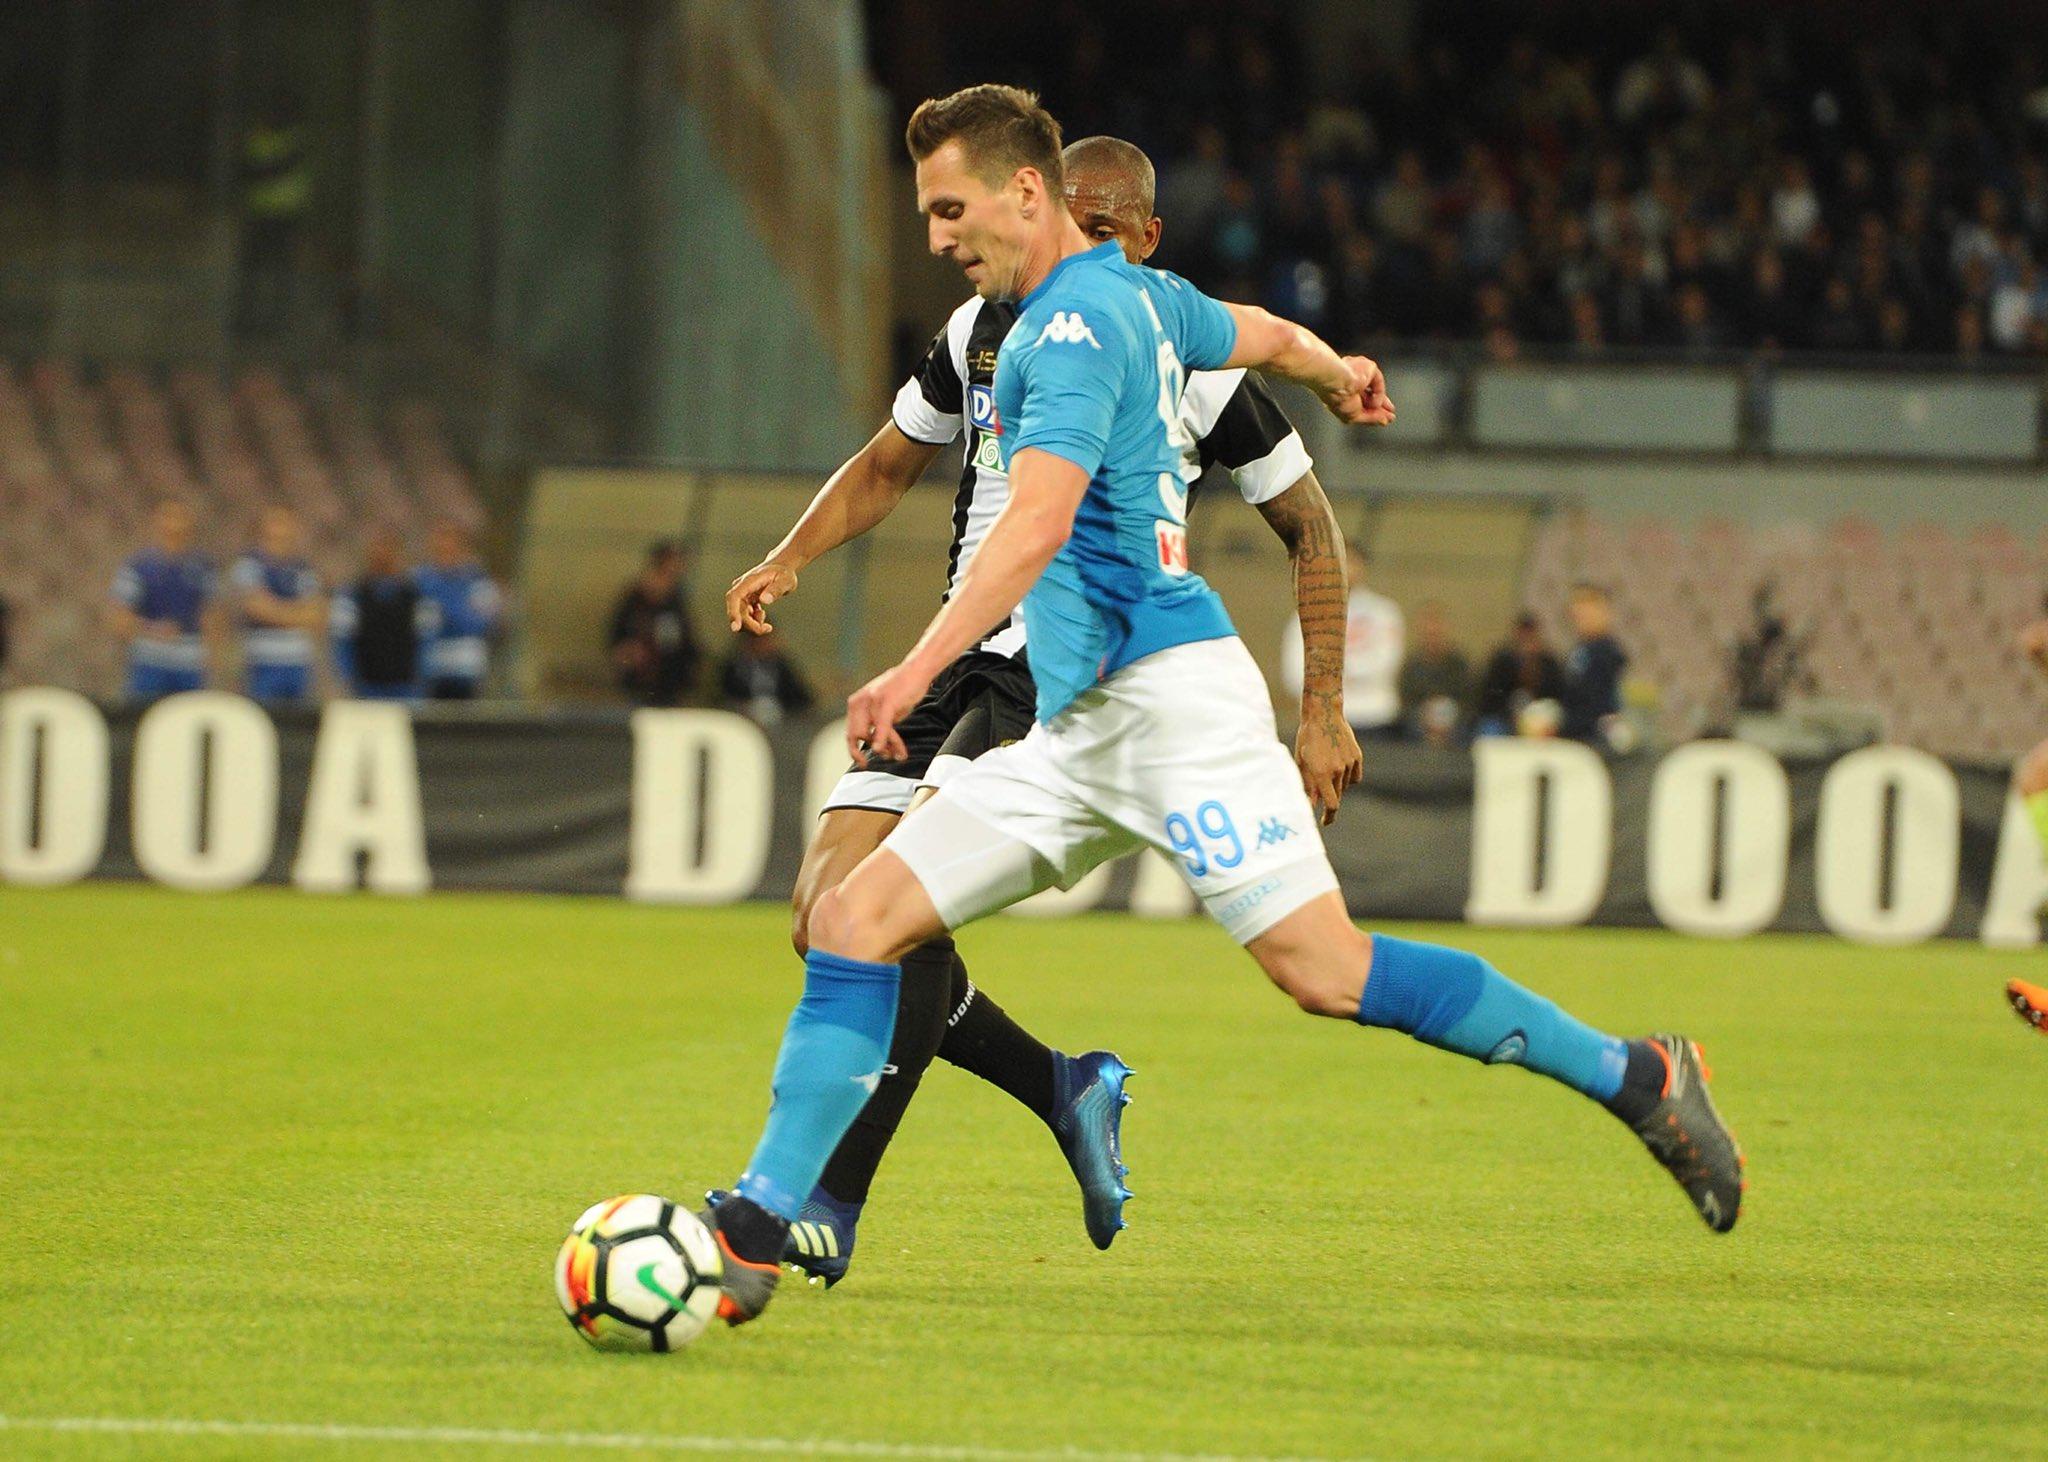 Napoli-Udinese 4-2, doppia rimonta: in dieci minuti, il Napoli passa da -9 a -4